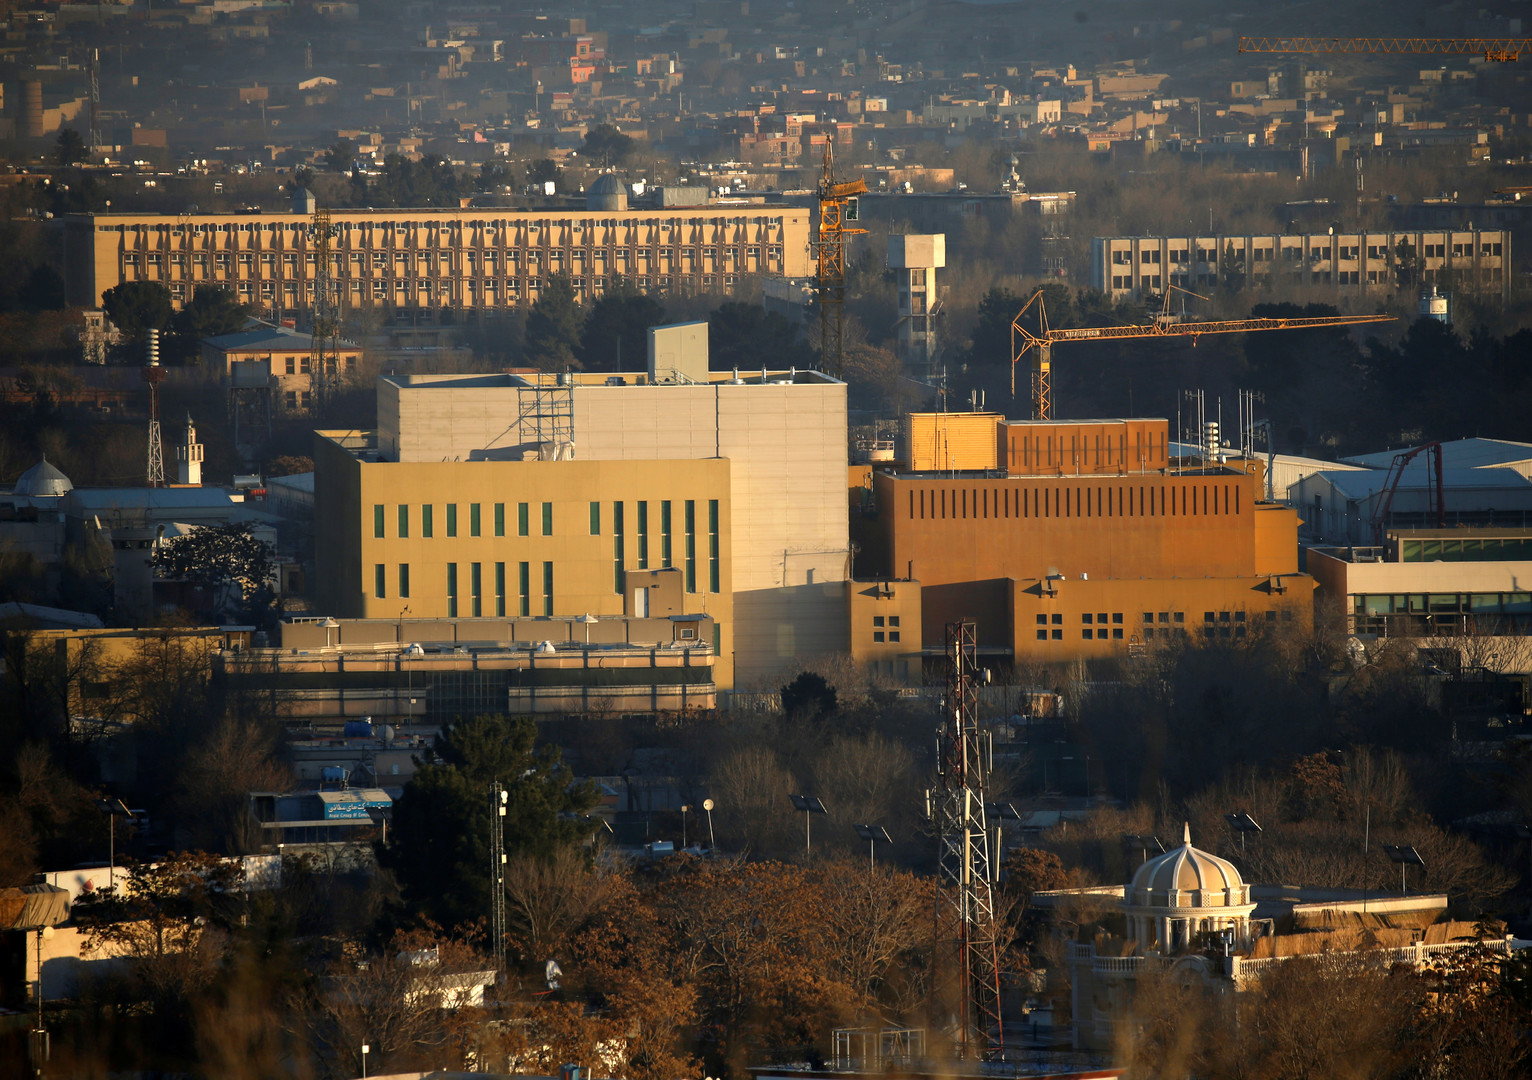 Ein Bild von der US-Botschaft im Diplomatenviertel von Kabul.